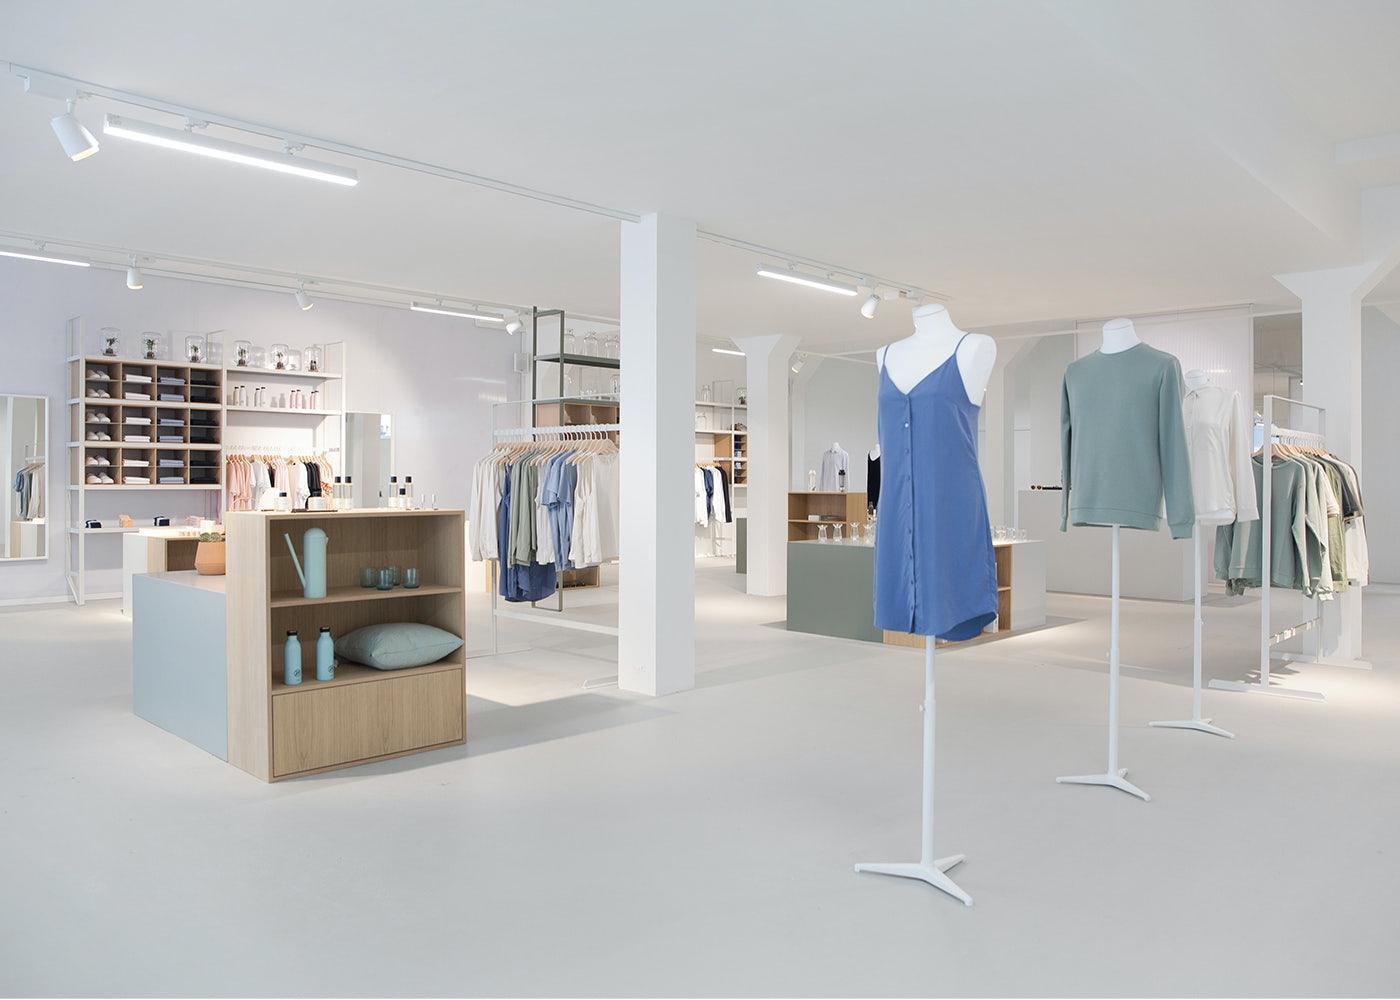 interior of Hutspot store in Amsterdam